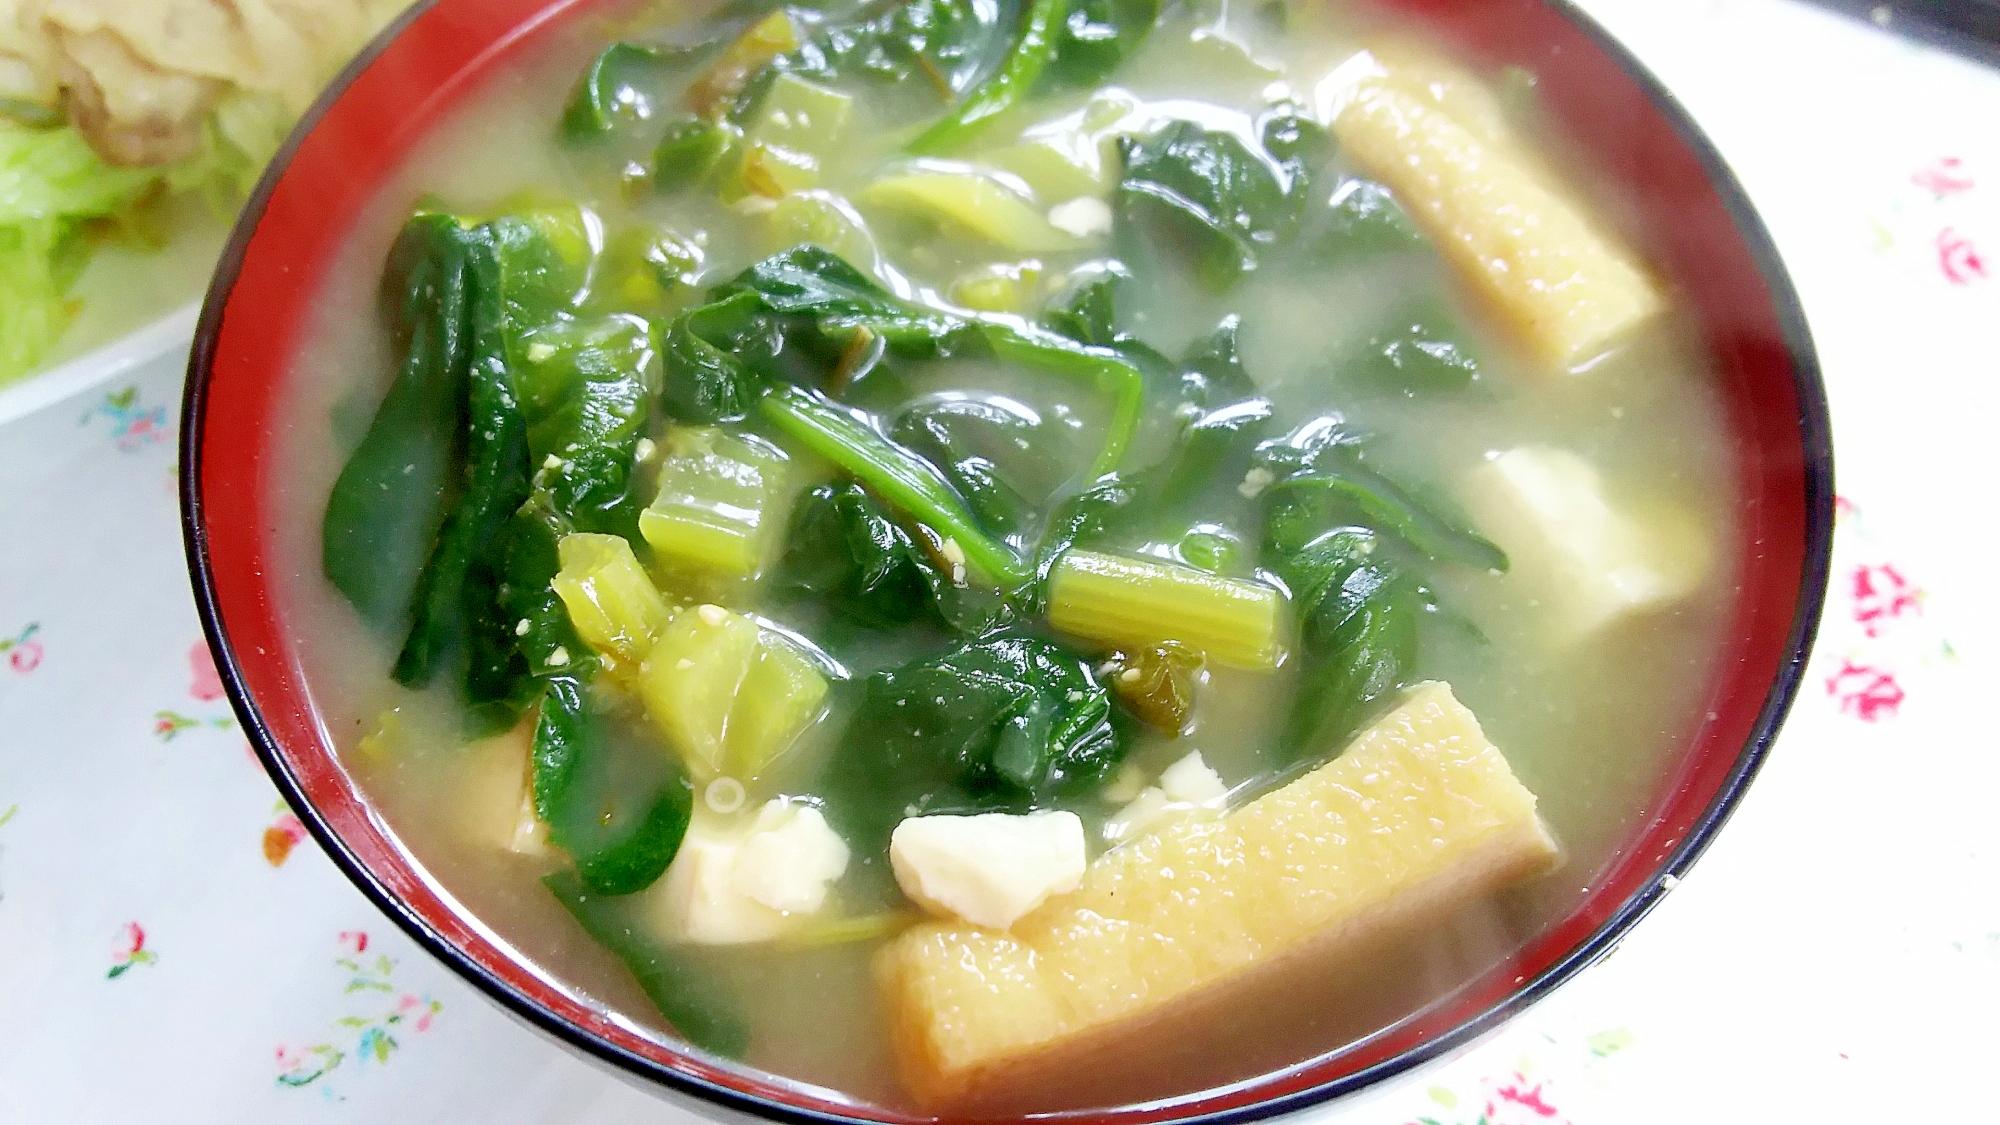 汁物「お鍋で ほうれん草、豆腐、油あげのおみそ汁」